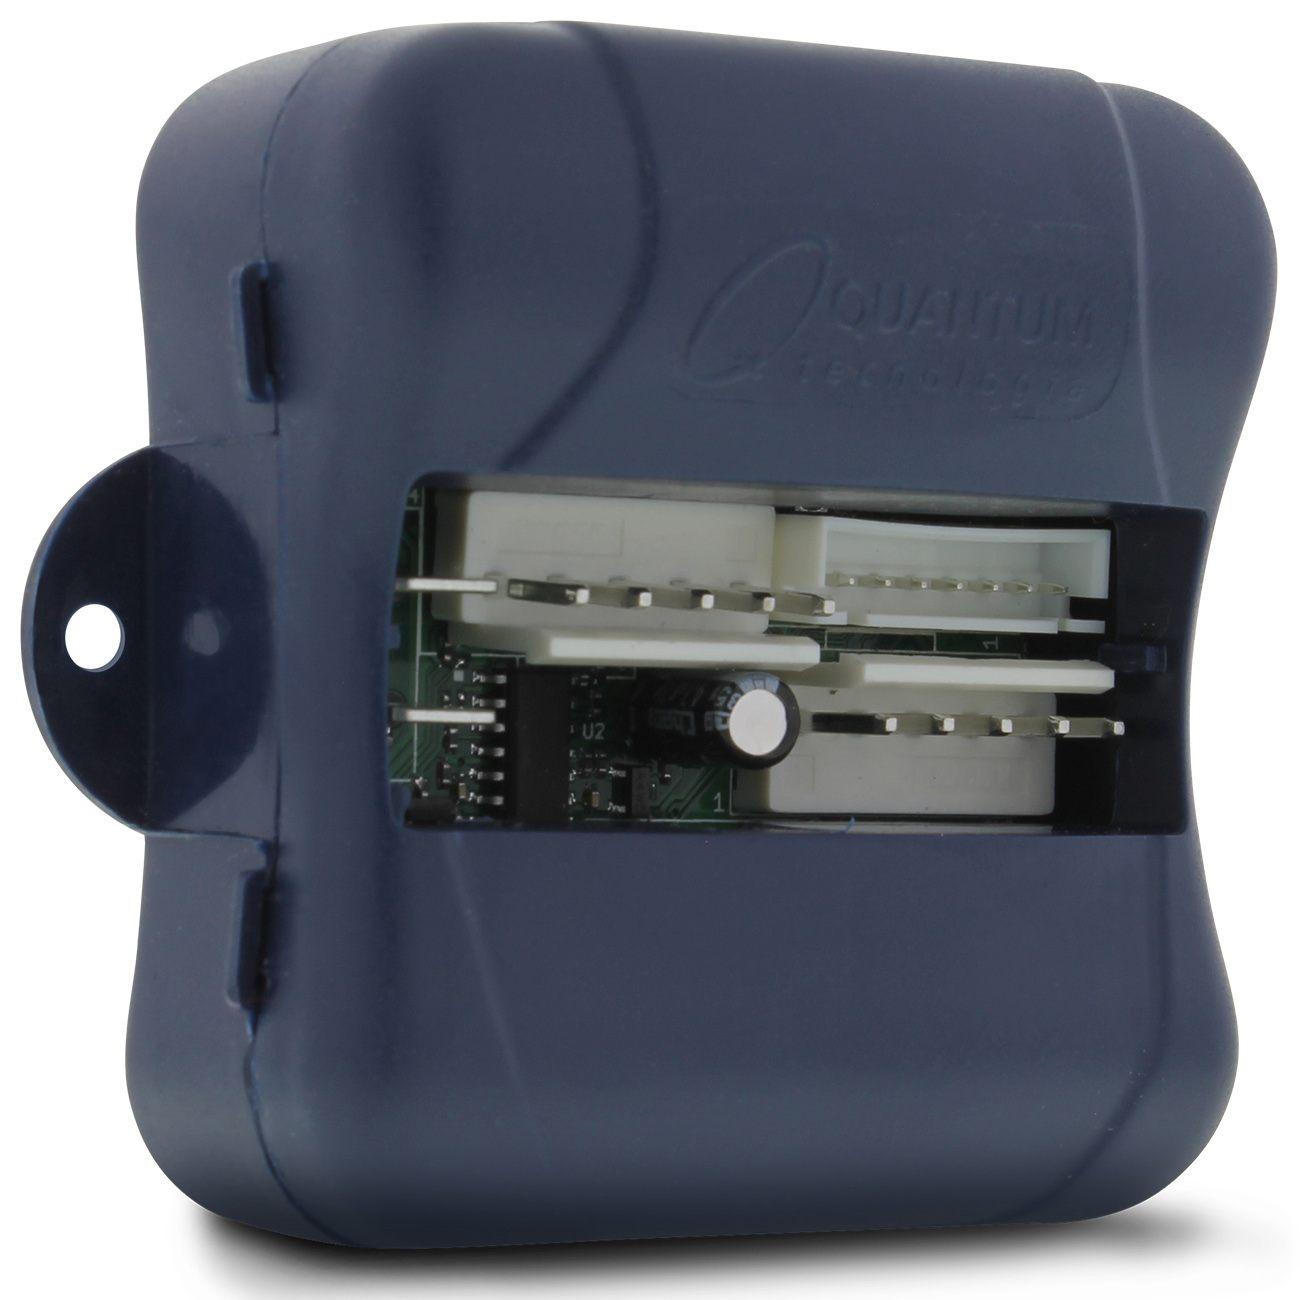 Módulo Subida de Vidro Elétrico Quantum LV108 Plus Universal para 2 ou 4 Portas